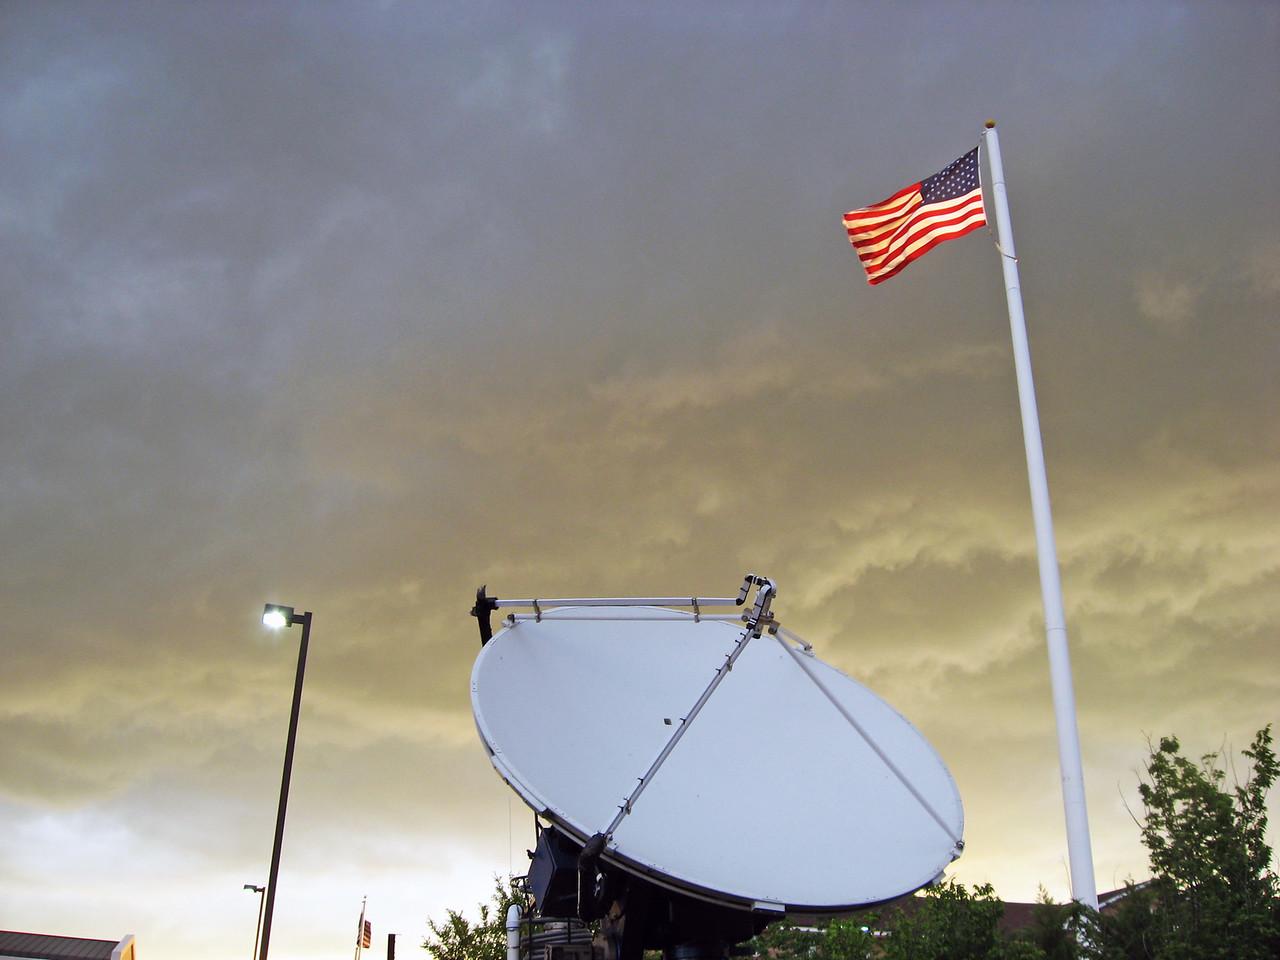 Post-Storm Skies